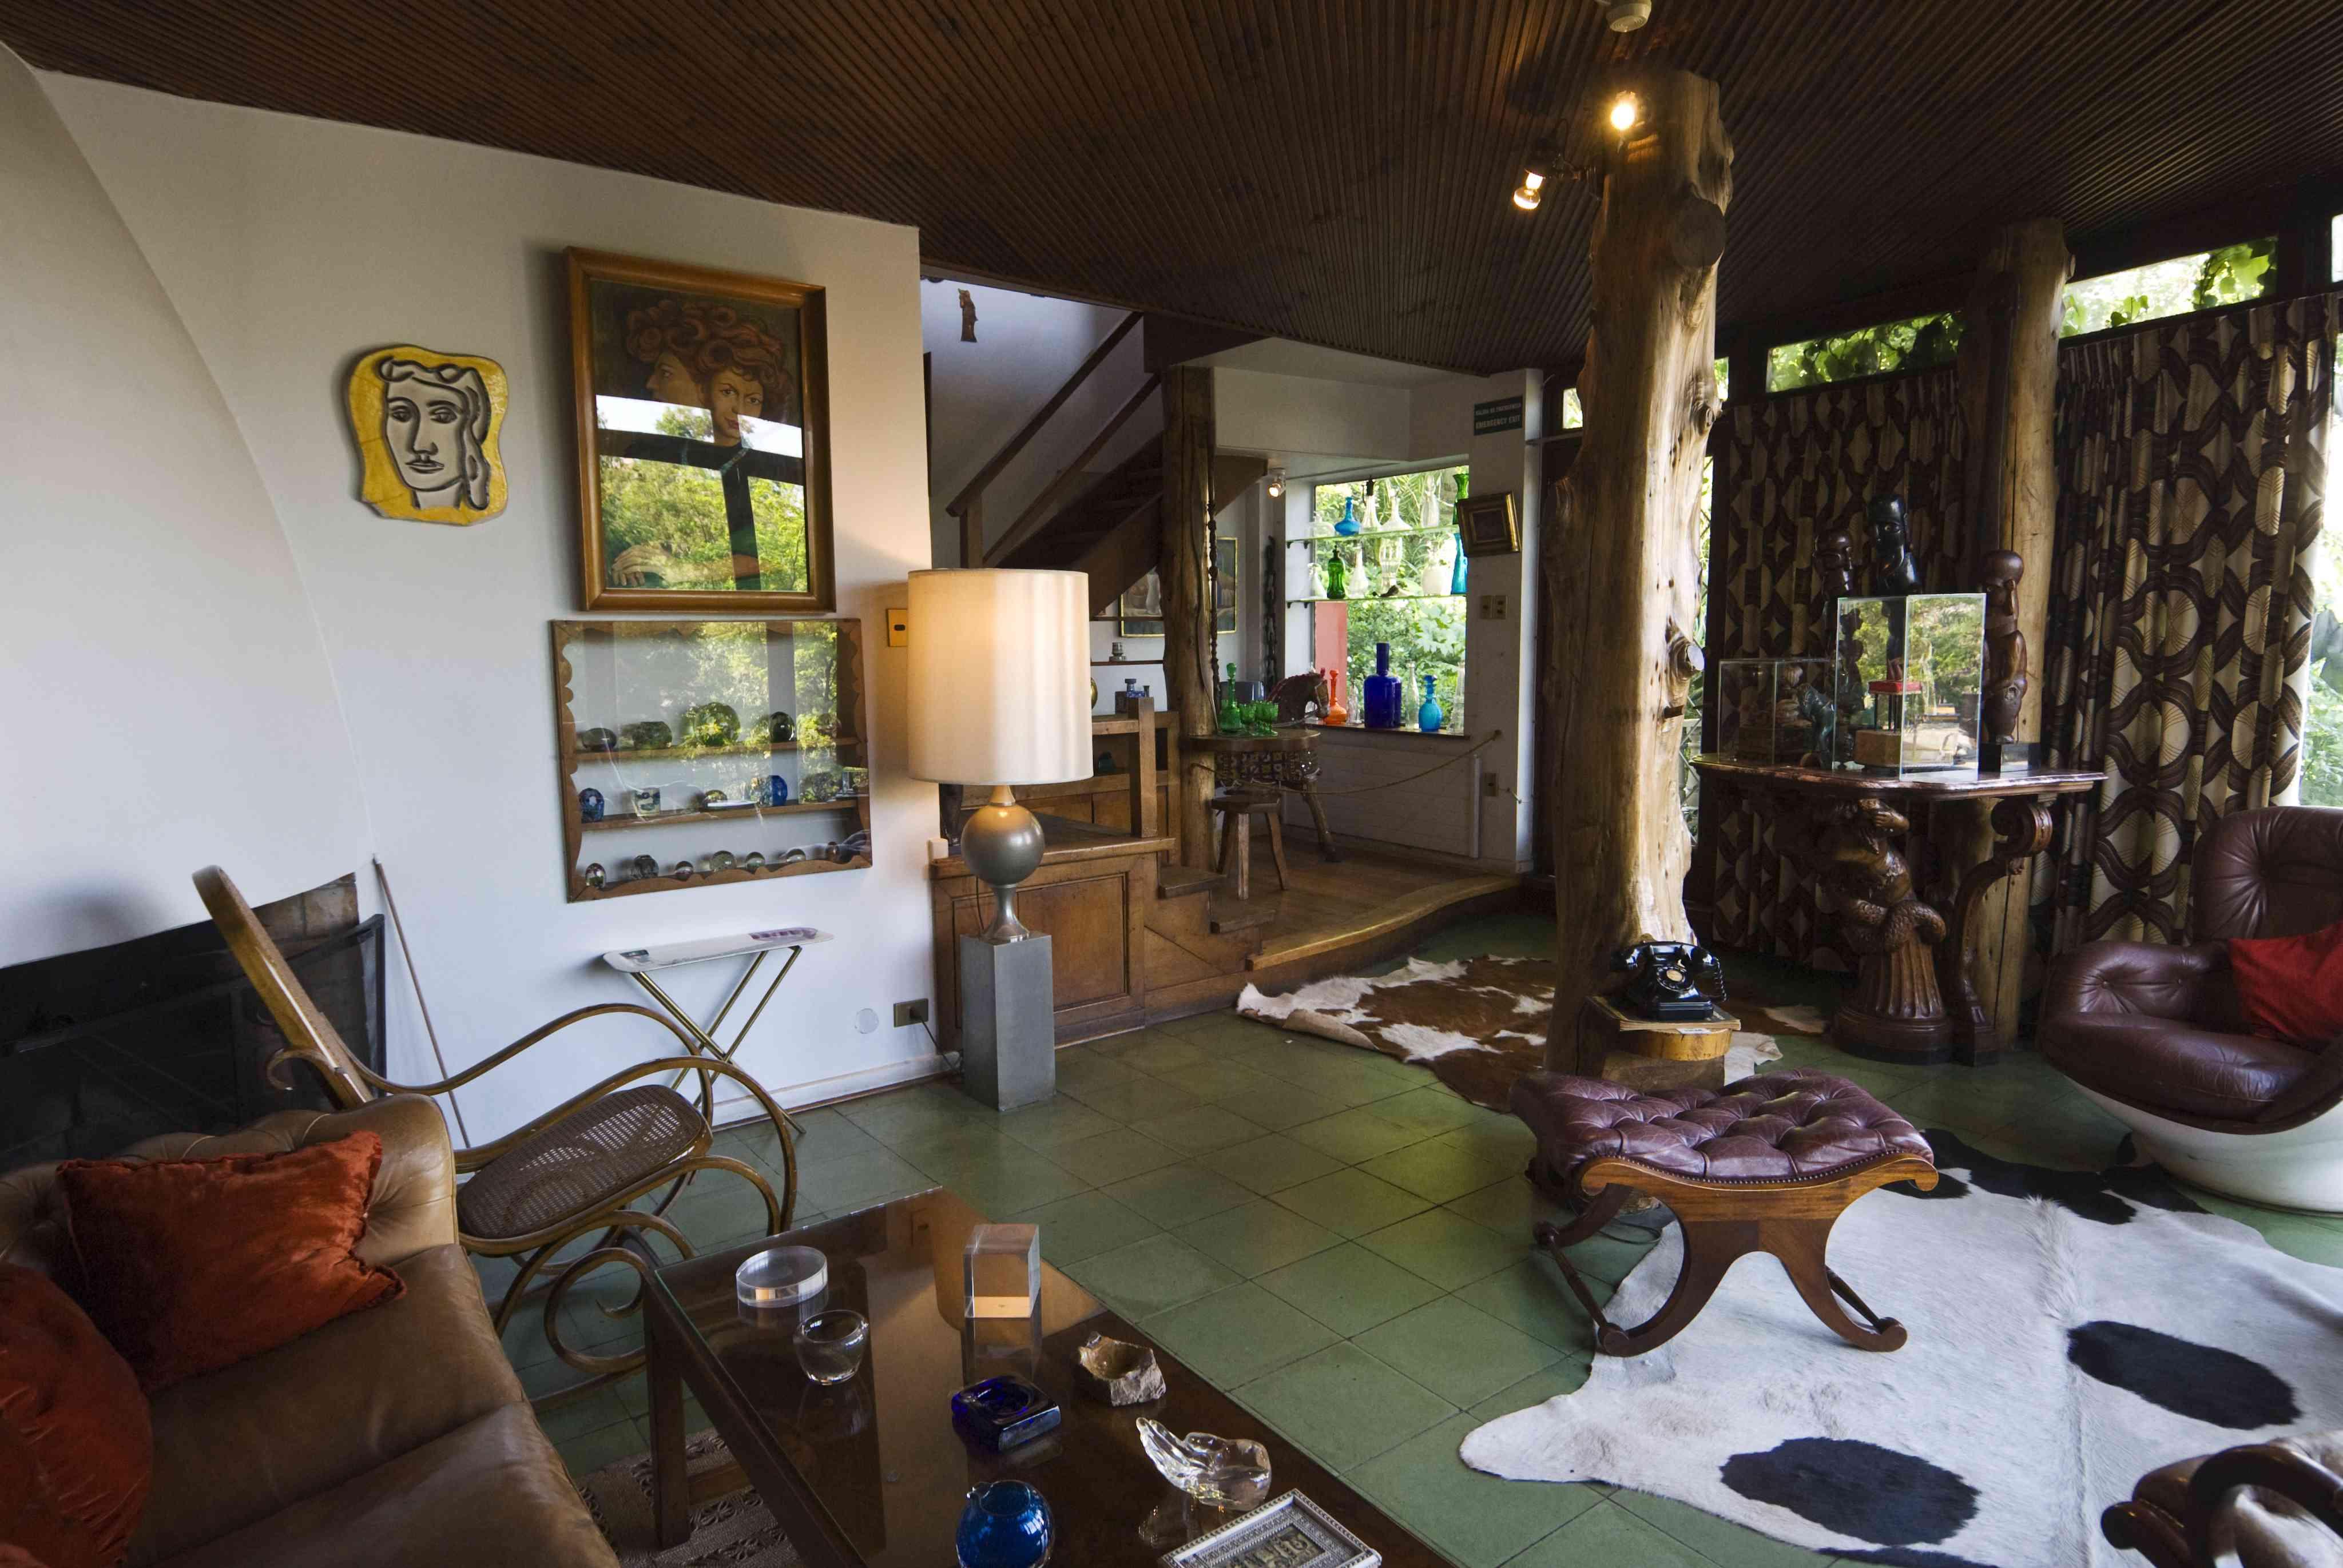 Interior of La Chascona, Pablo Neruda's home in Barrio Bellavista